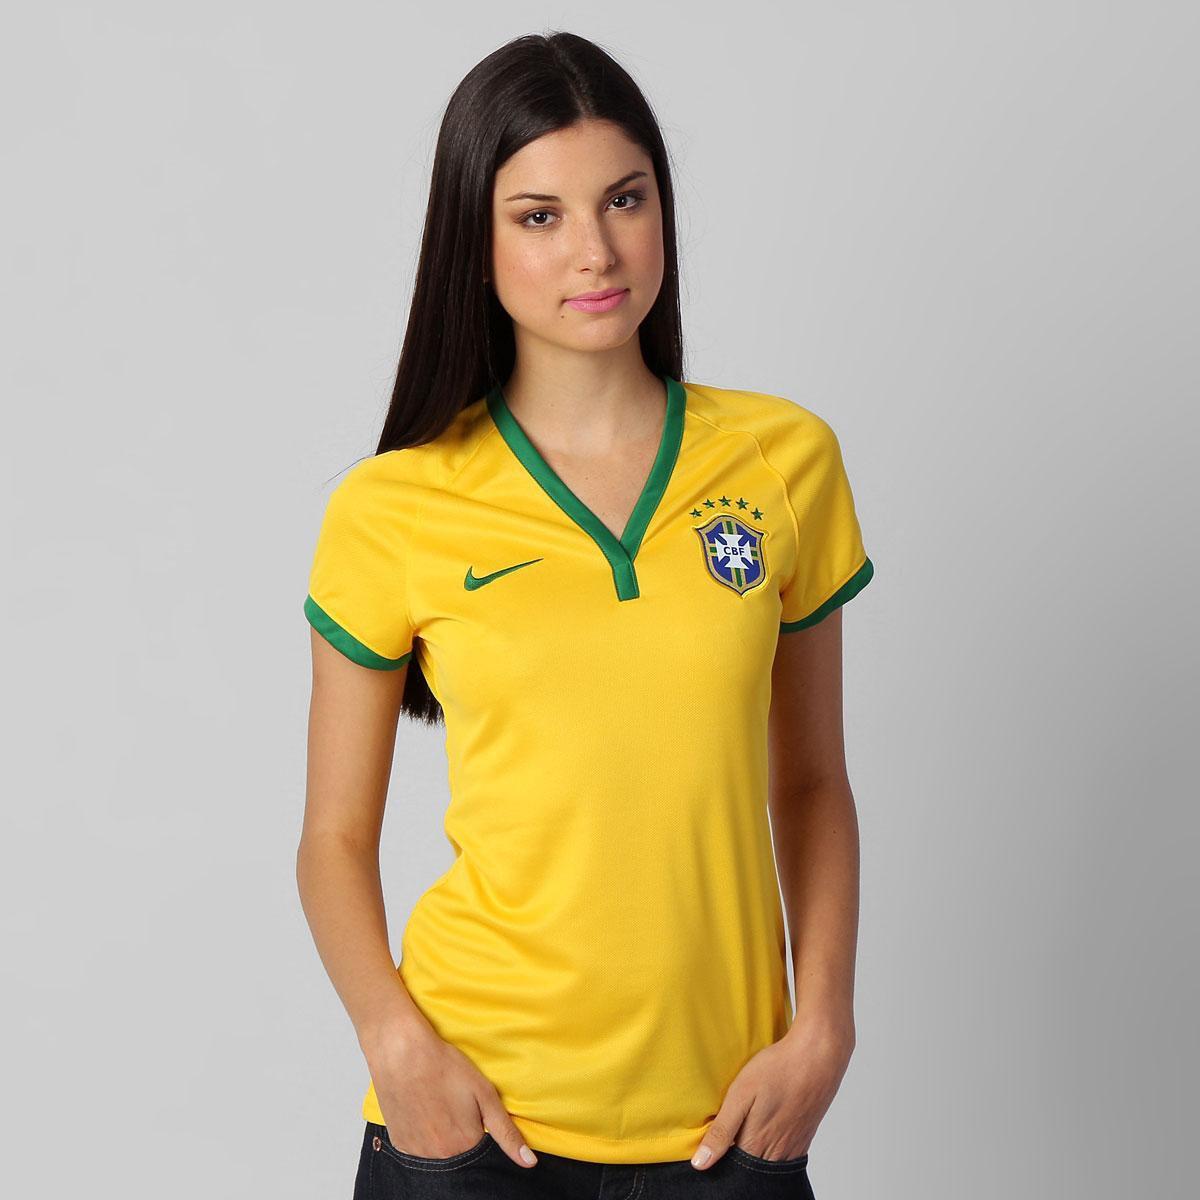 319df914cd Camisa Feminina Nike Seleção Brasil I 2014 s nº - Compre Agora ...